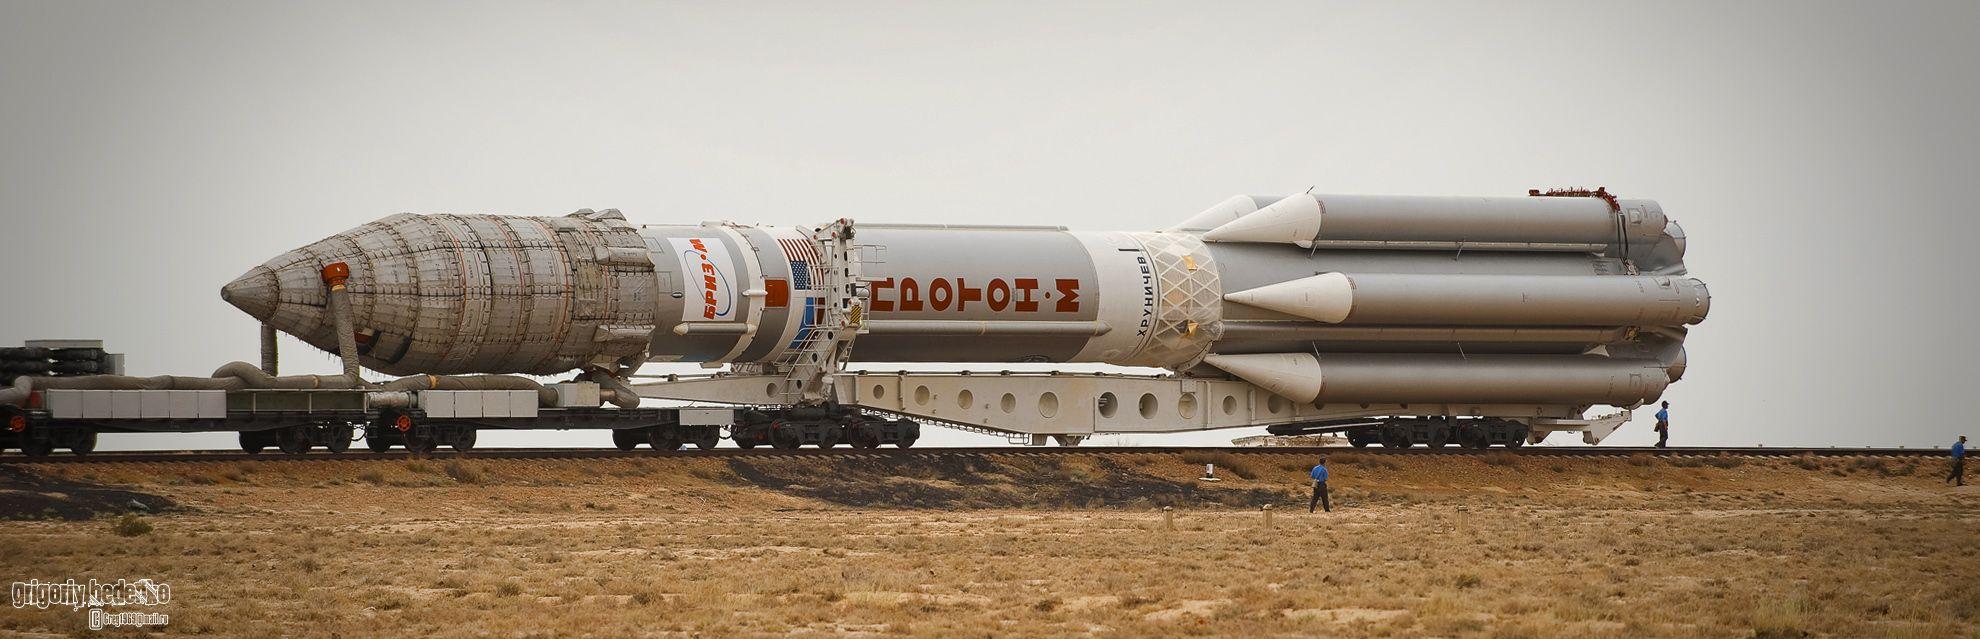 """Размеры и возможности этой ракеты на самом деле поражают воображение. Ее длина составляет 58,2 метра, масса в заправленном состоянии 705 тонн. На старте тяга 6-ти двигателей первой ступени ракетоносителя составляют около 1000 тонн. Это позволяет выводить на опорную околоземную орбиту объекты массой до 25-ти тонн, а на высокую геостационарную (30 тыс. км. от поверхности Земли )– до 5-ти тонн. Поэтому """"Протон-М"""" незаменим, когда речь идет о запуске телекоммуникационных спутников."""